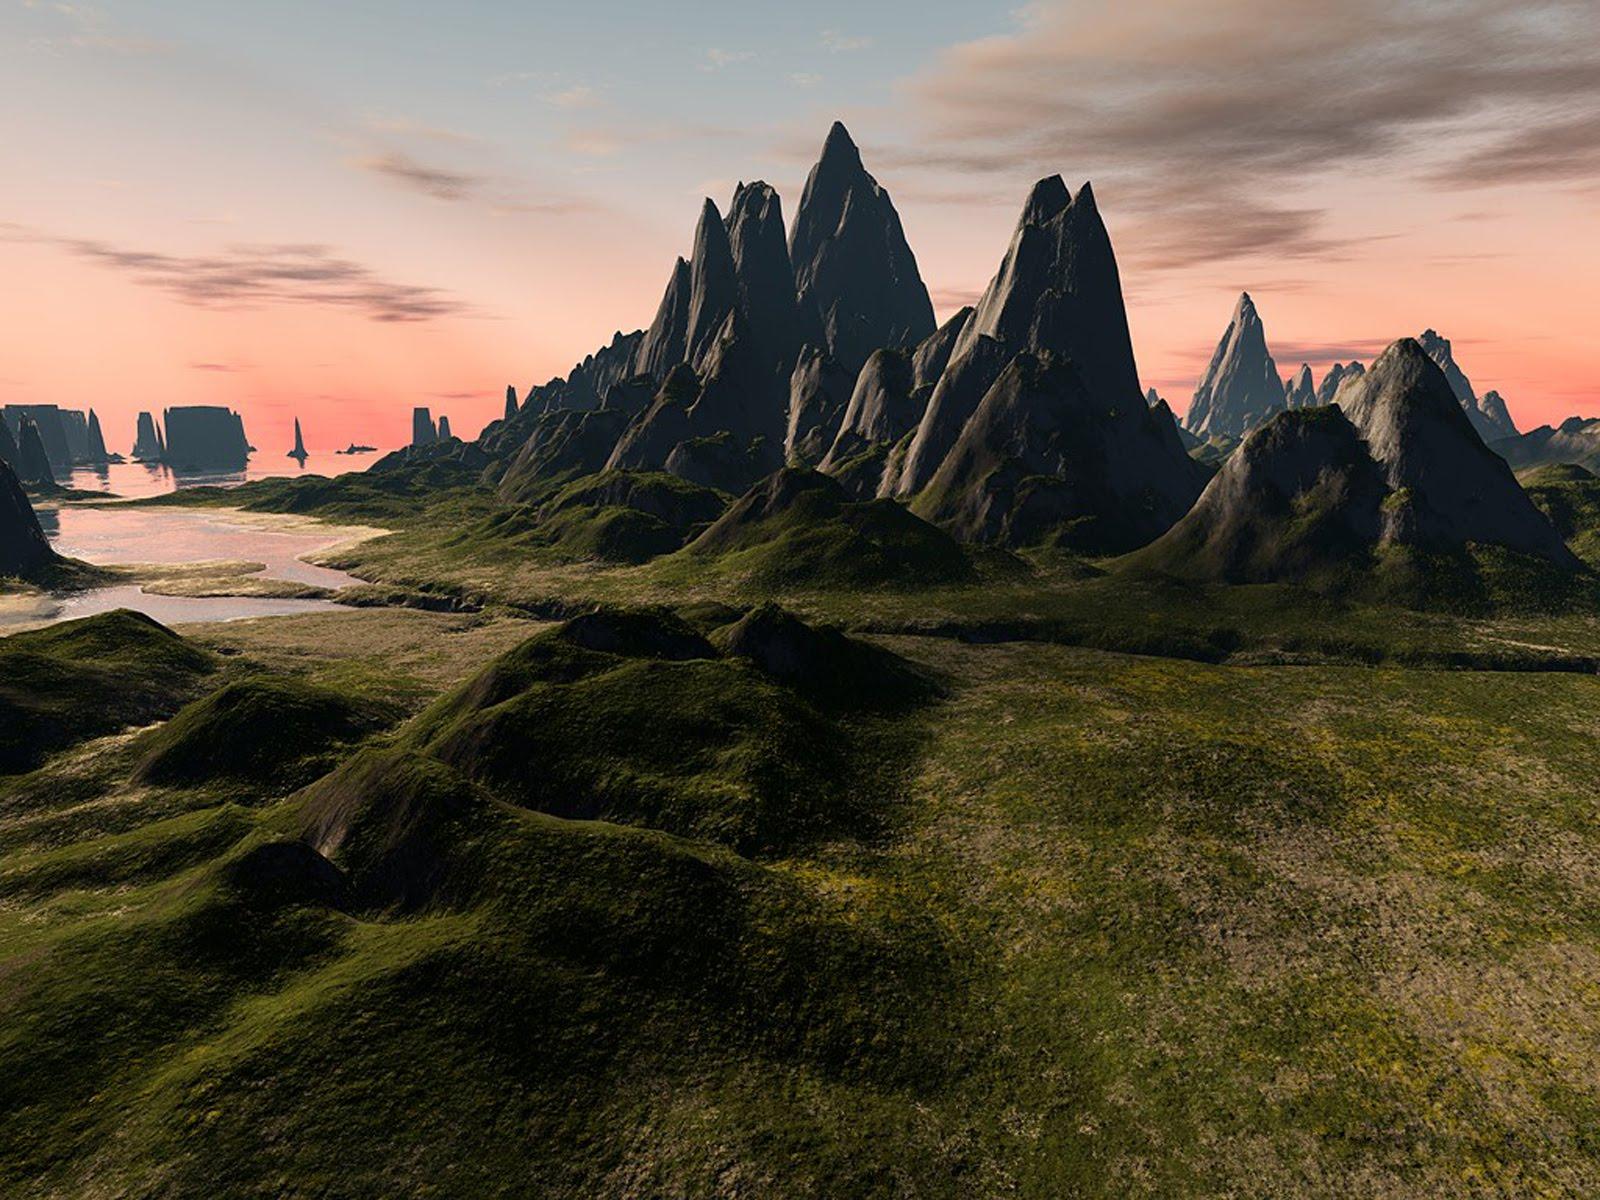 Poze Imagini Desktop -Peisaje 3D